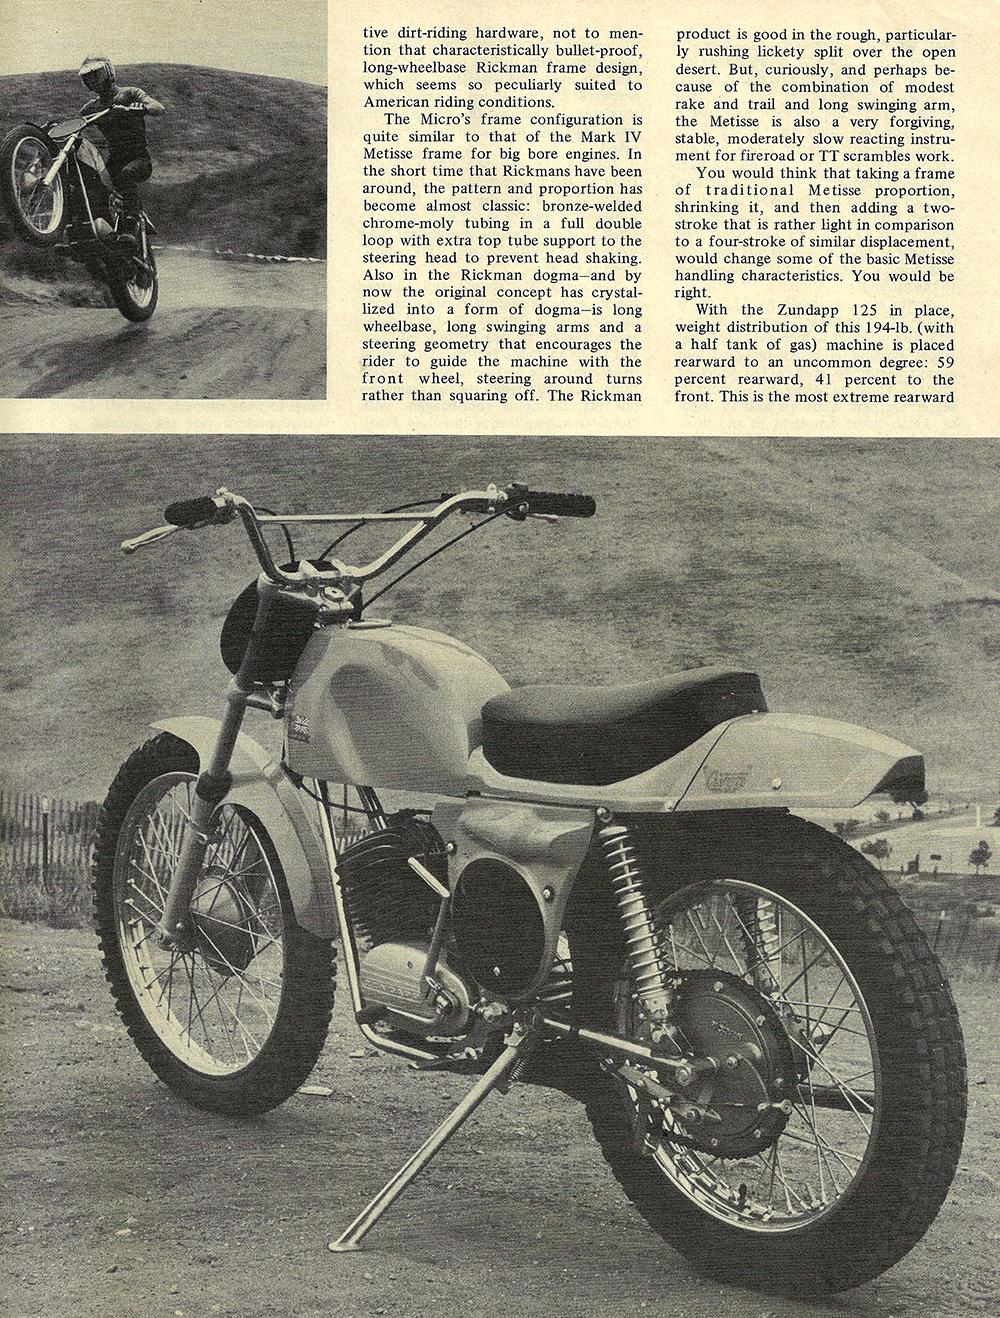 1970 Rickman Micro 125 Metisse road test 02.jpg